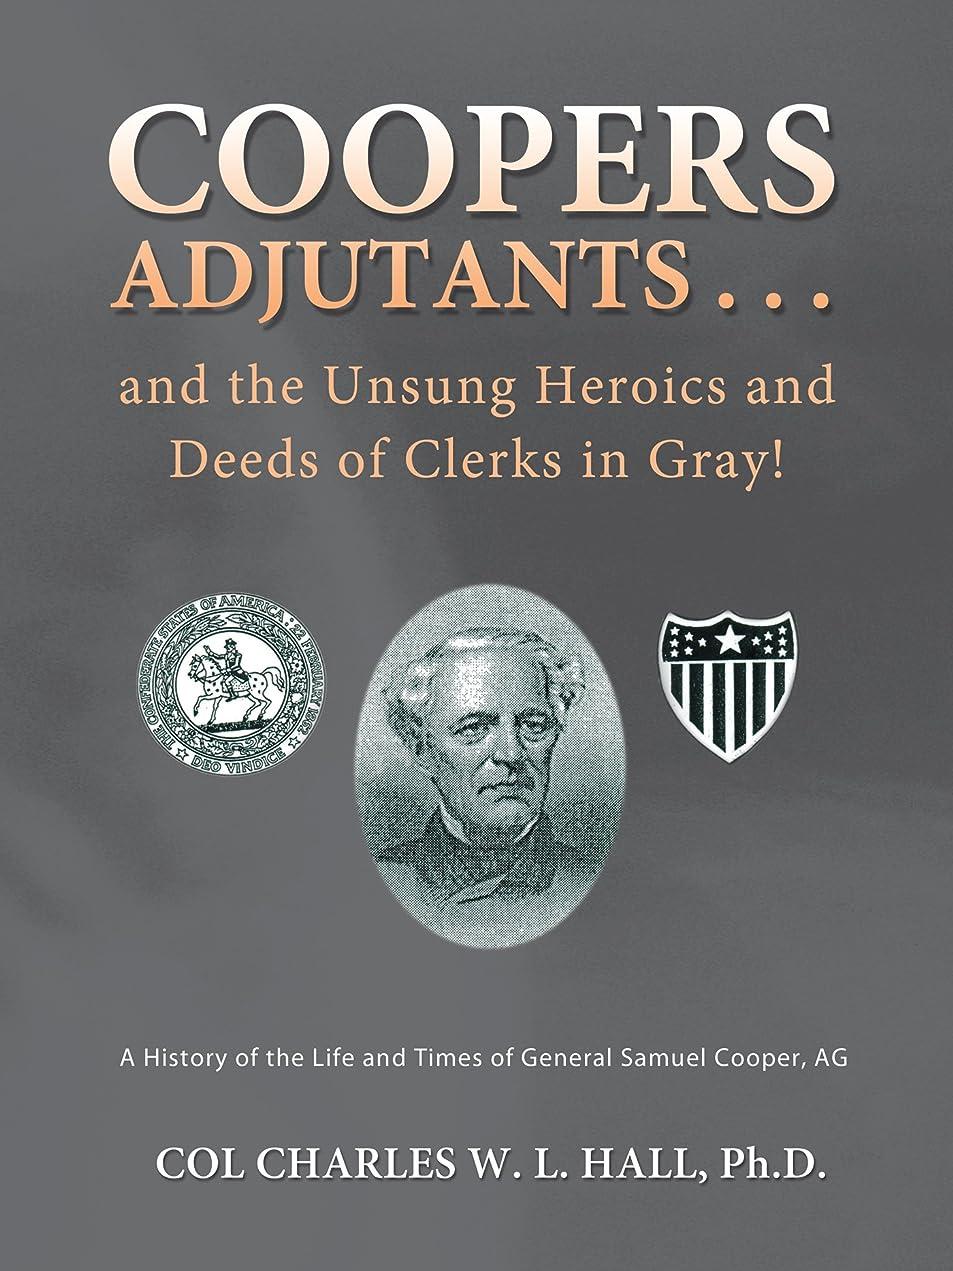 スツールチョップ時代遅れCoopers Adjutants . . . and the Unsung Heroics and Deeds of Clerks in Gray!: A History of the Life and Times of General Samuel Cooper, Ag (English Edition)